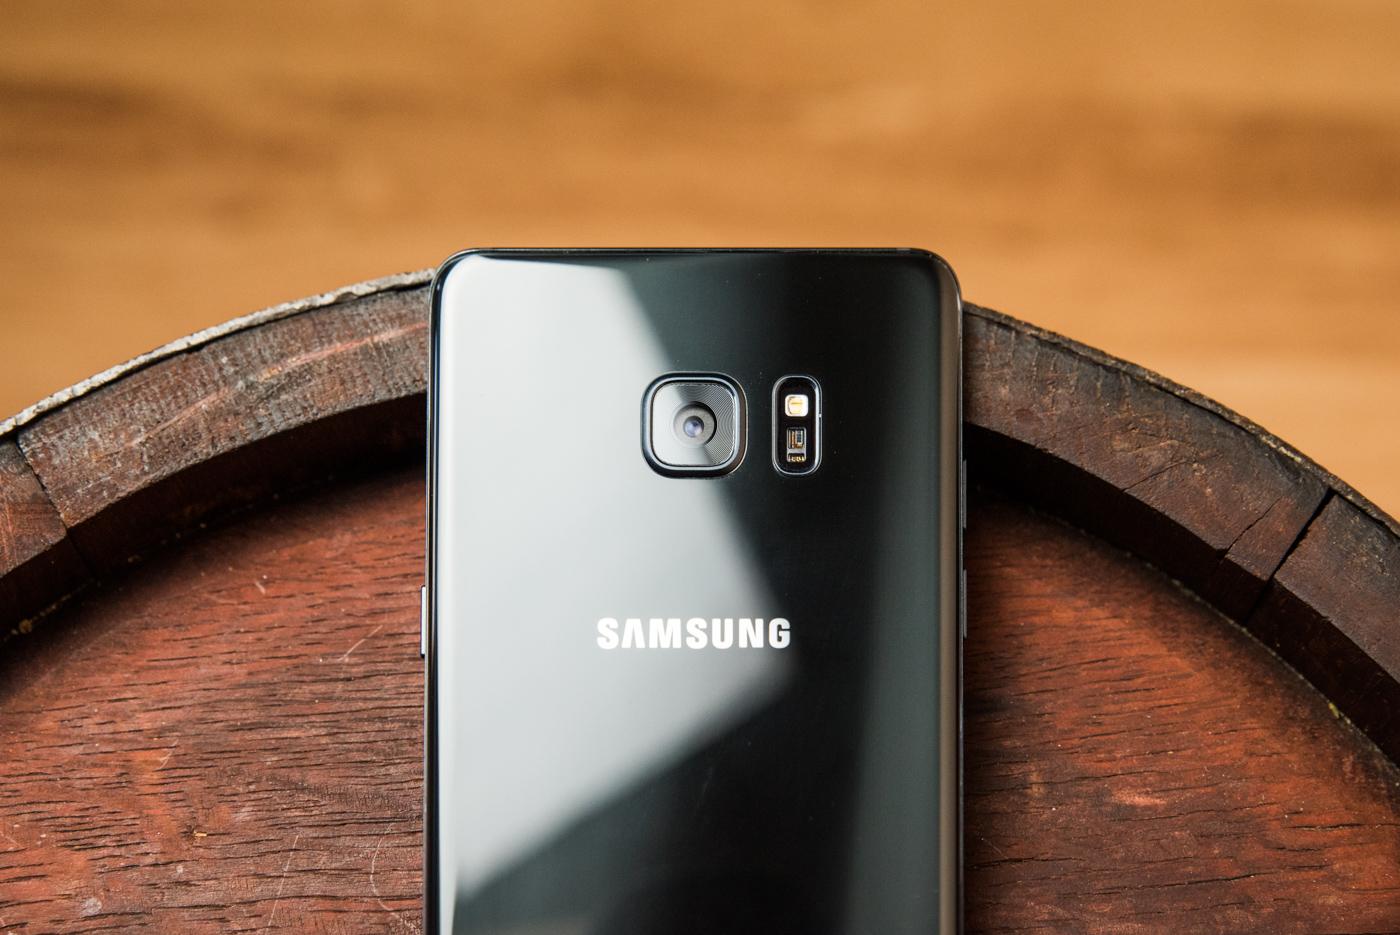 Sprawdziliśmy aparat w Samsungu Galaxy Note 7. iPhone 7 będzie się musiał mocno postarać